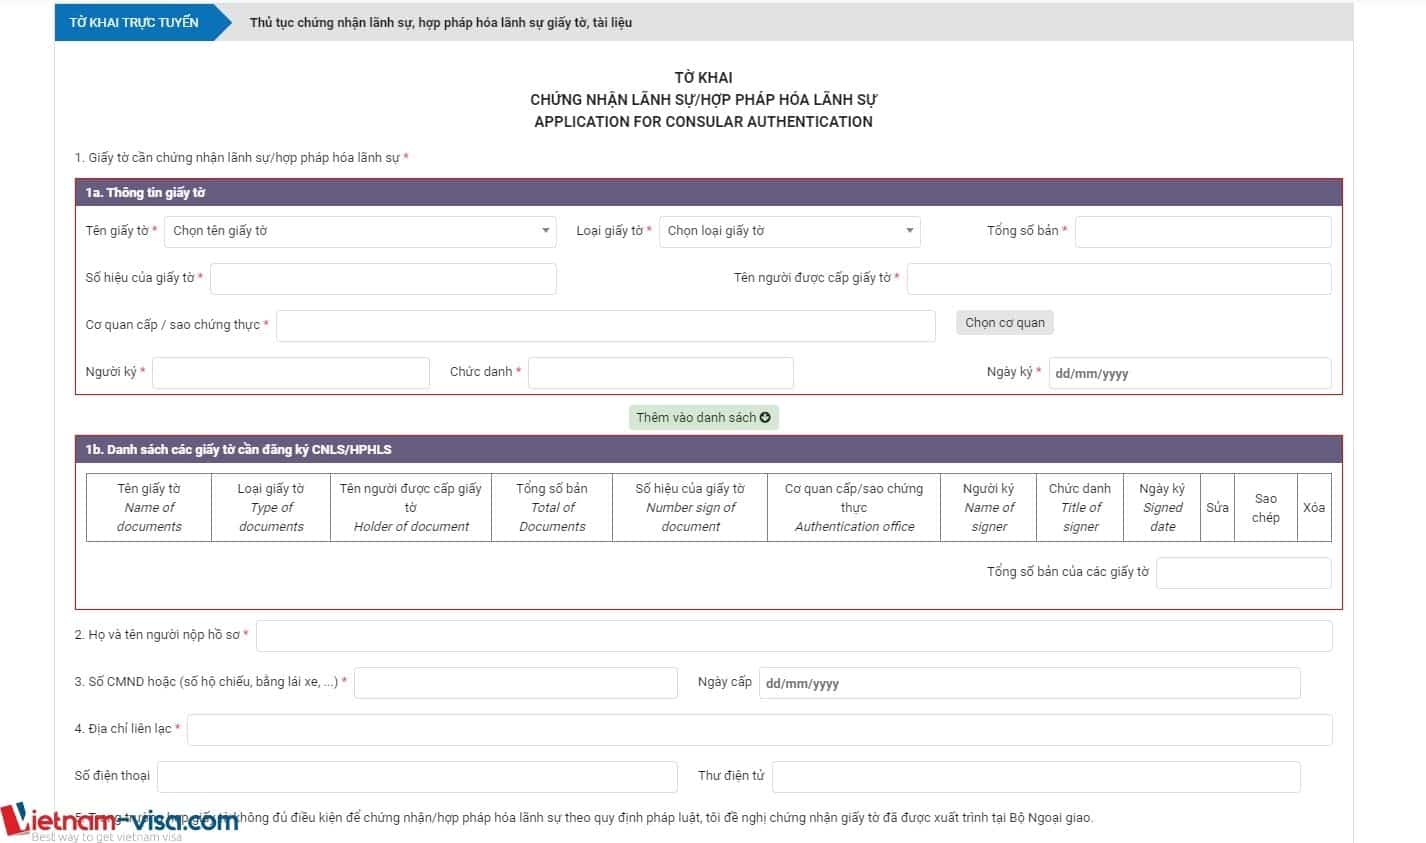 Tờ khai Hợp pháp hóa lãnh sự/Chứng nhận lãnh sự – Download & Cách điền